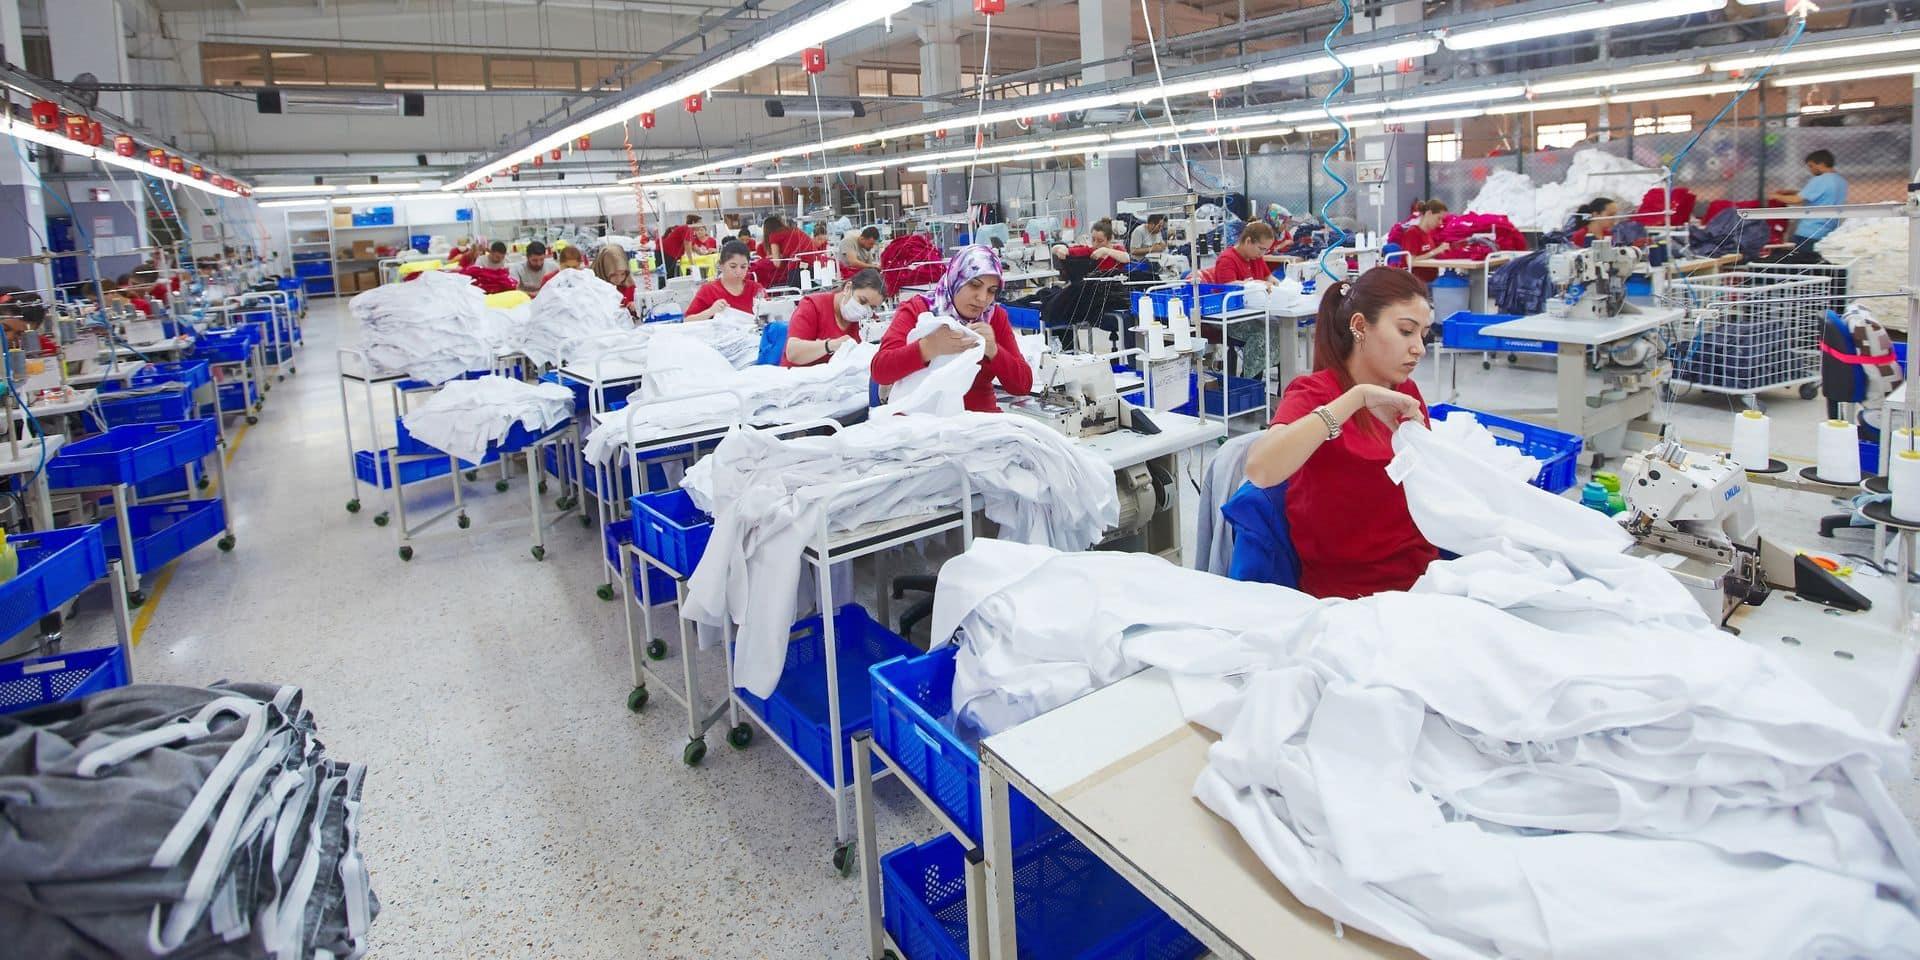 Fedustria demande des mesures de soutien pour les secteurs du textile, bois et ameublement